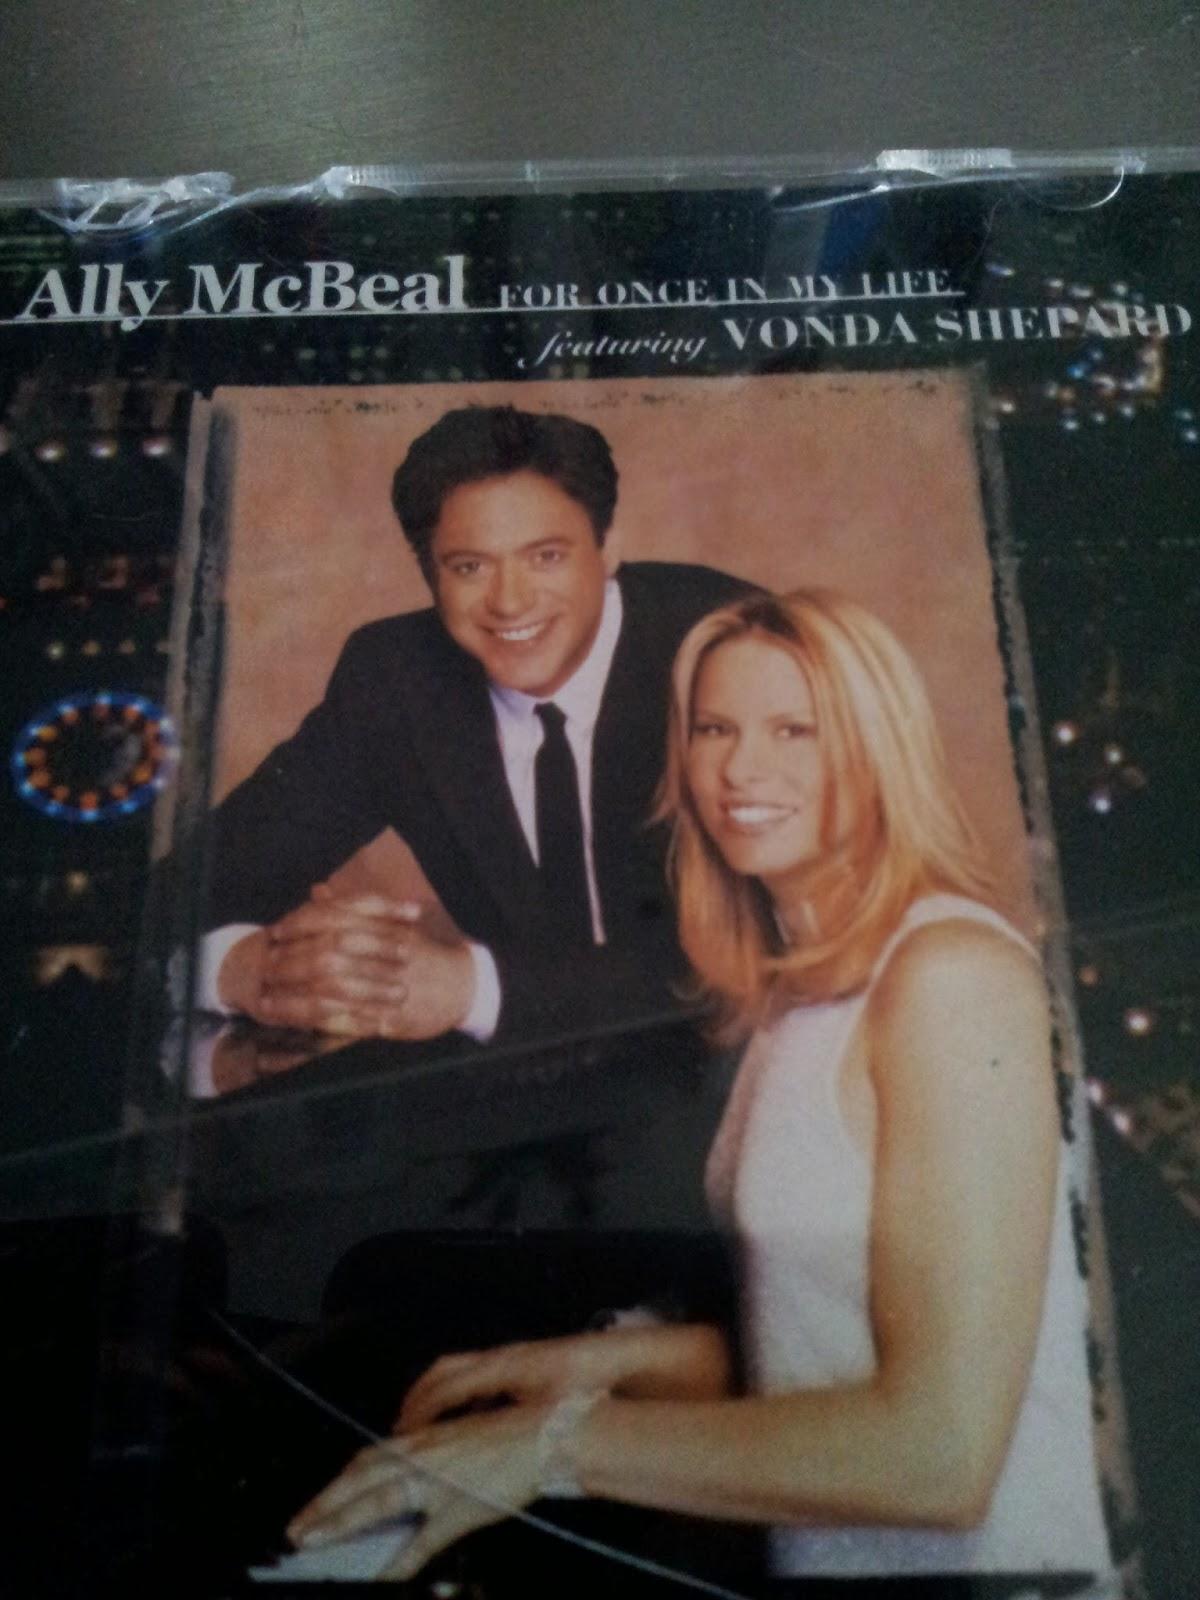 阿毛的生活日記本: Ally McBeal